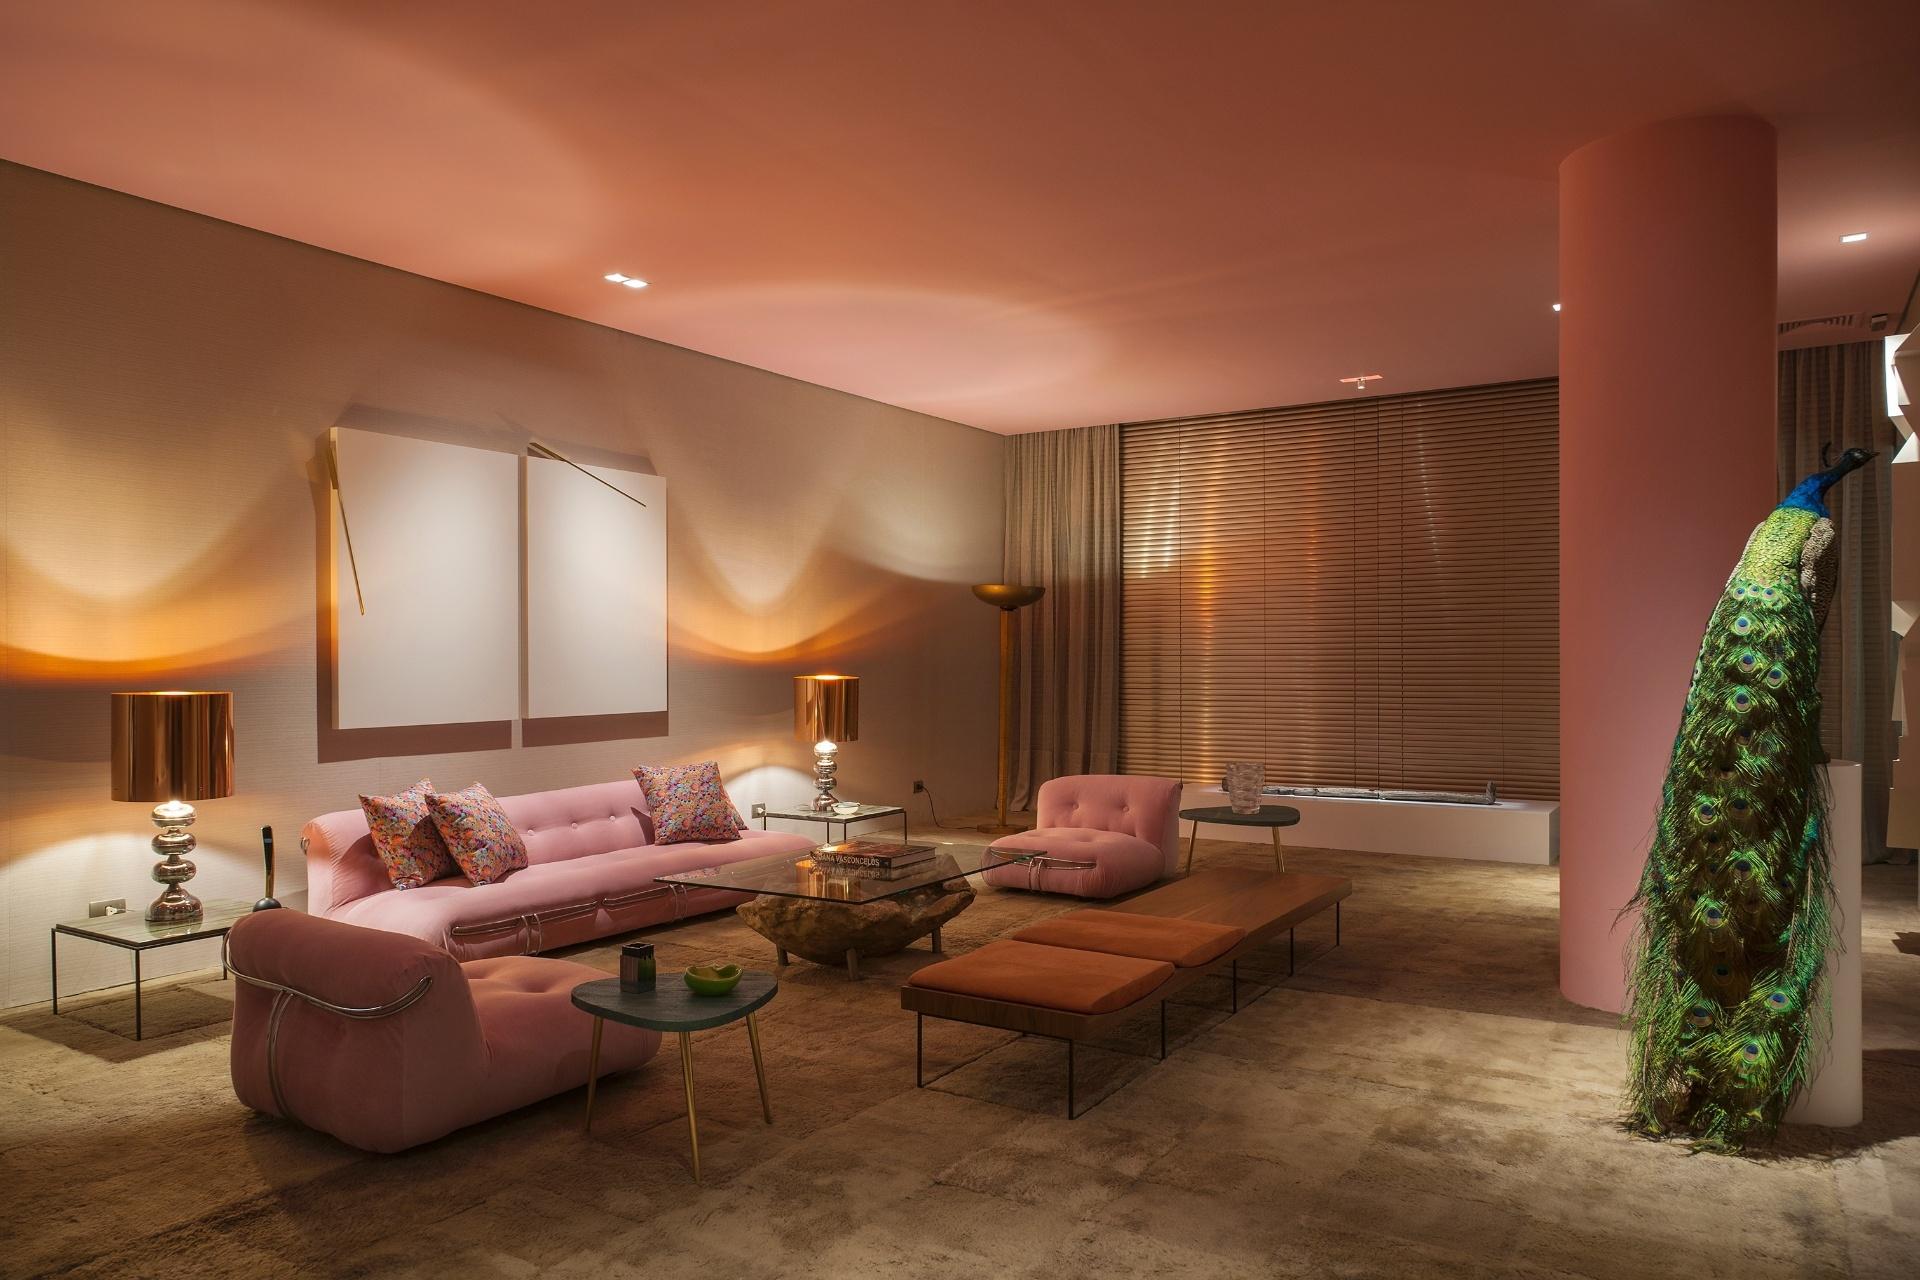 Na Sala do Pavão, de Maximiliano Crovato, os tons de rosa no teto, no pilar e nos estofados Soriana, do casal de italianos Afra e Tobia Scarpa, se unem ao